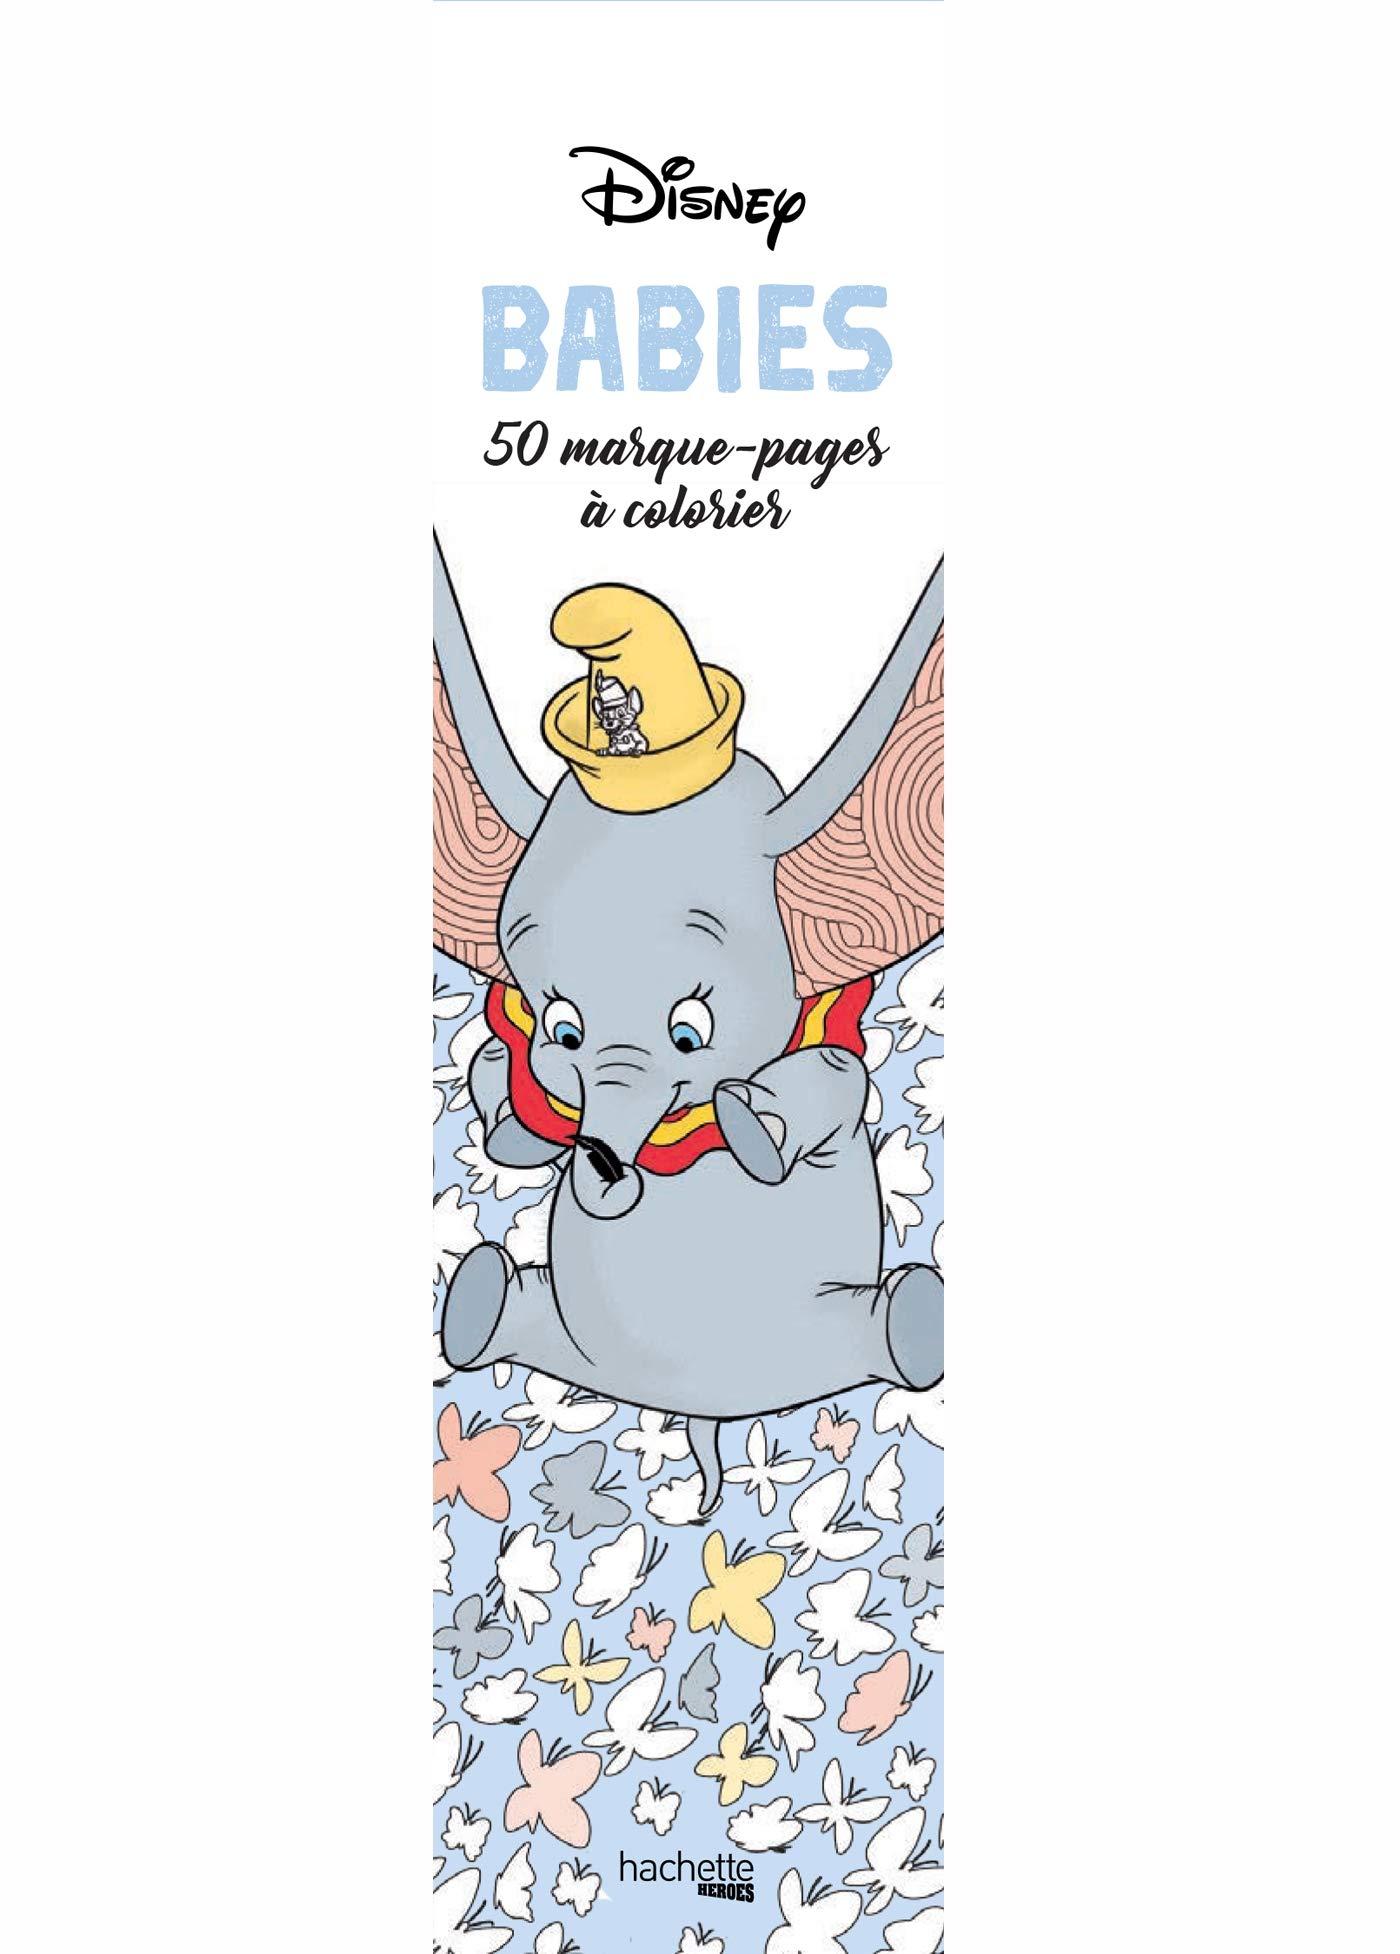 Marque Pages Disney Babies 50 Marque Pages A Colorier Ɯ¬ ɀšè²© Amazon